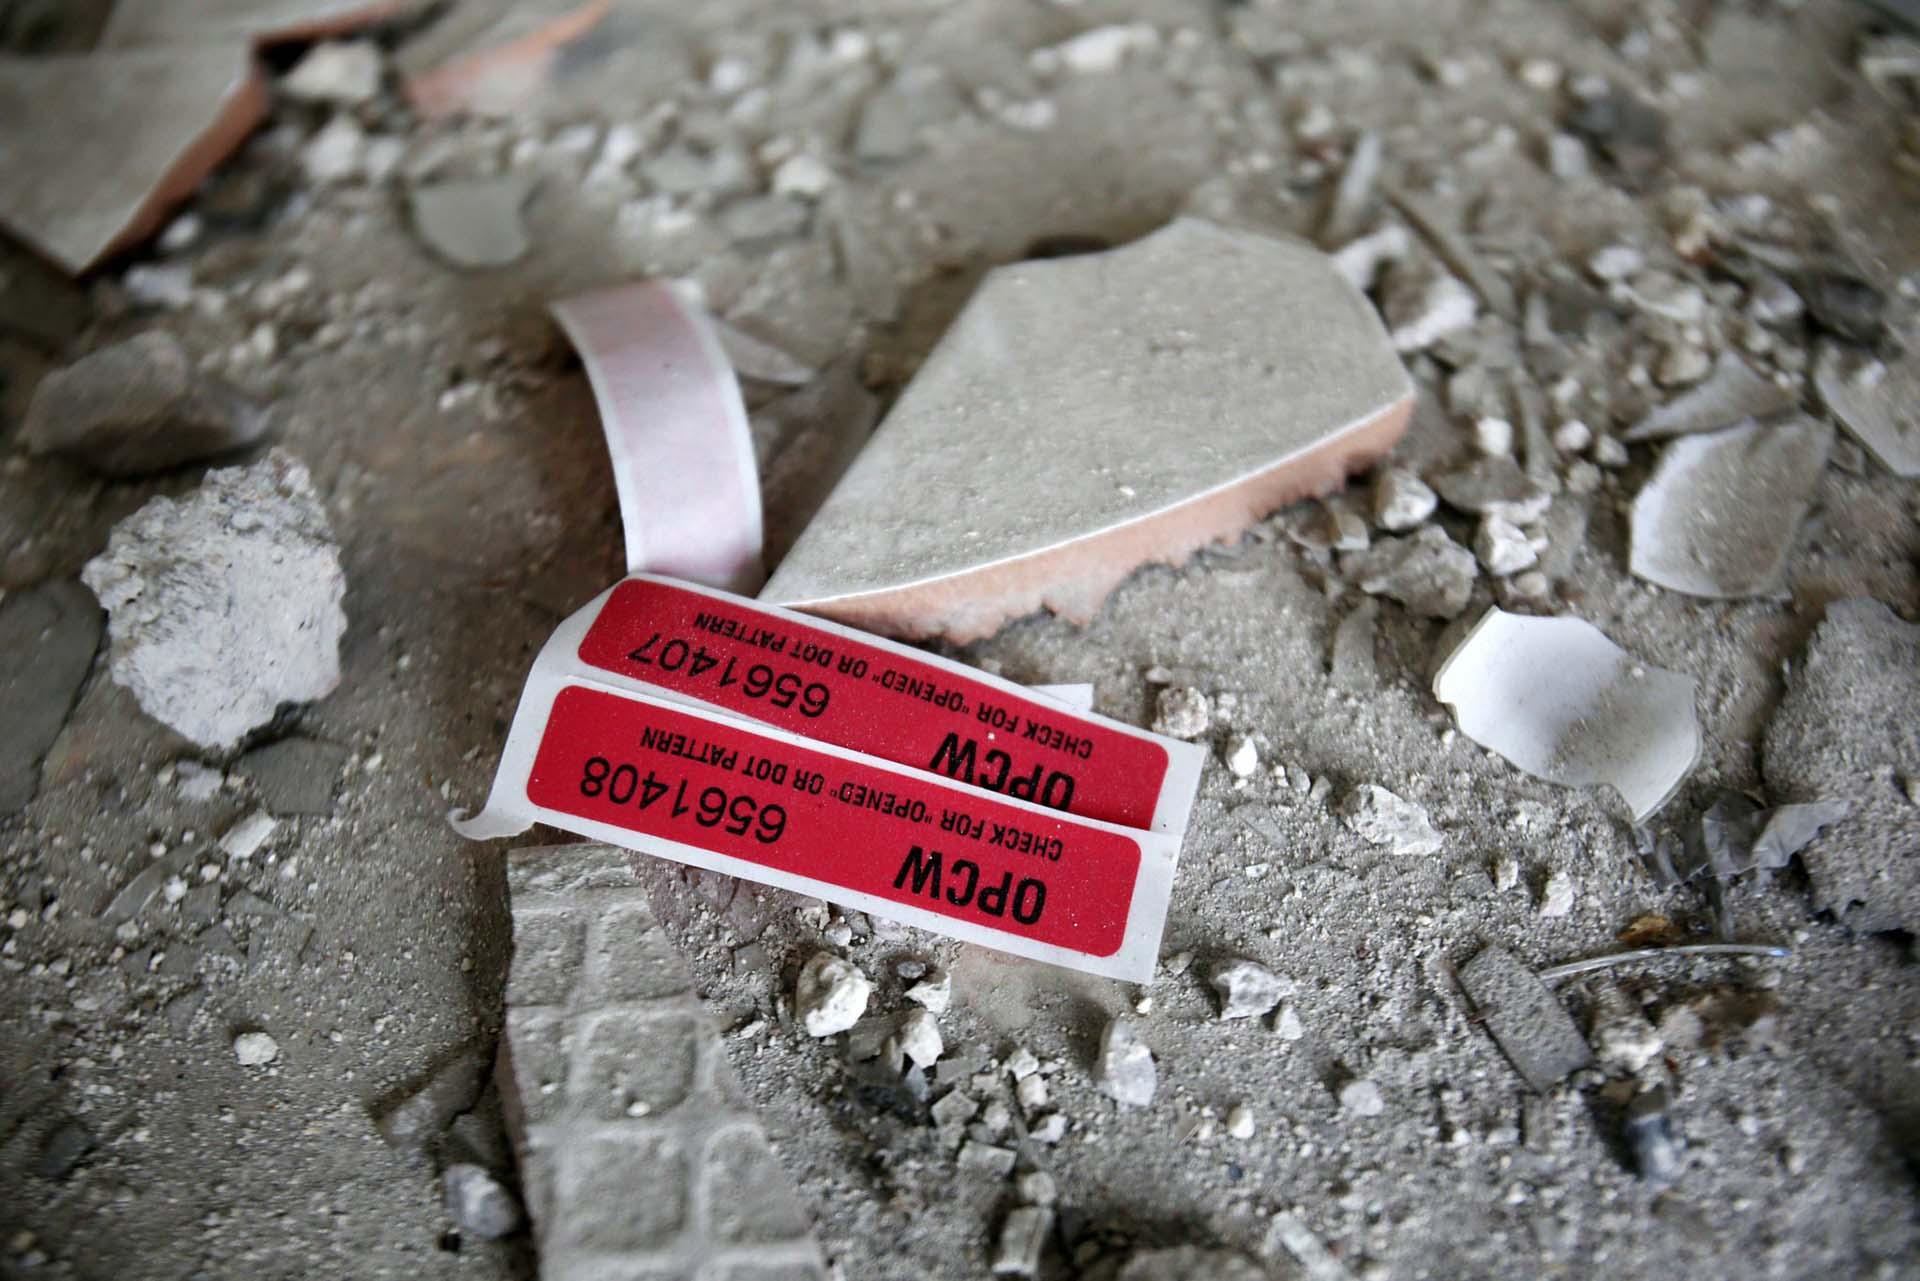 Etiquetas de la Organización para la Prohibición de Armas Químicas (OPWC) en una casa dañada por un ataque químico en Duma, Siria, el 23 de abril